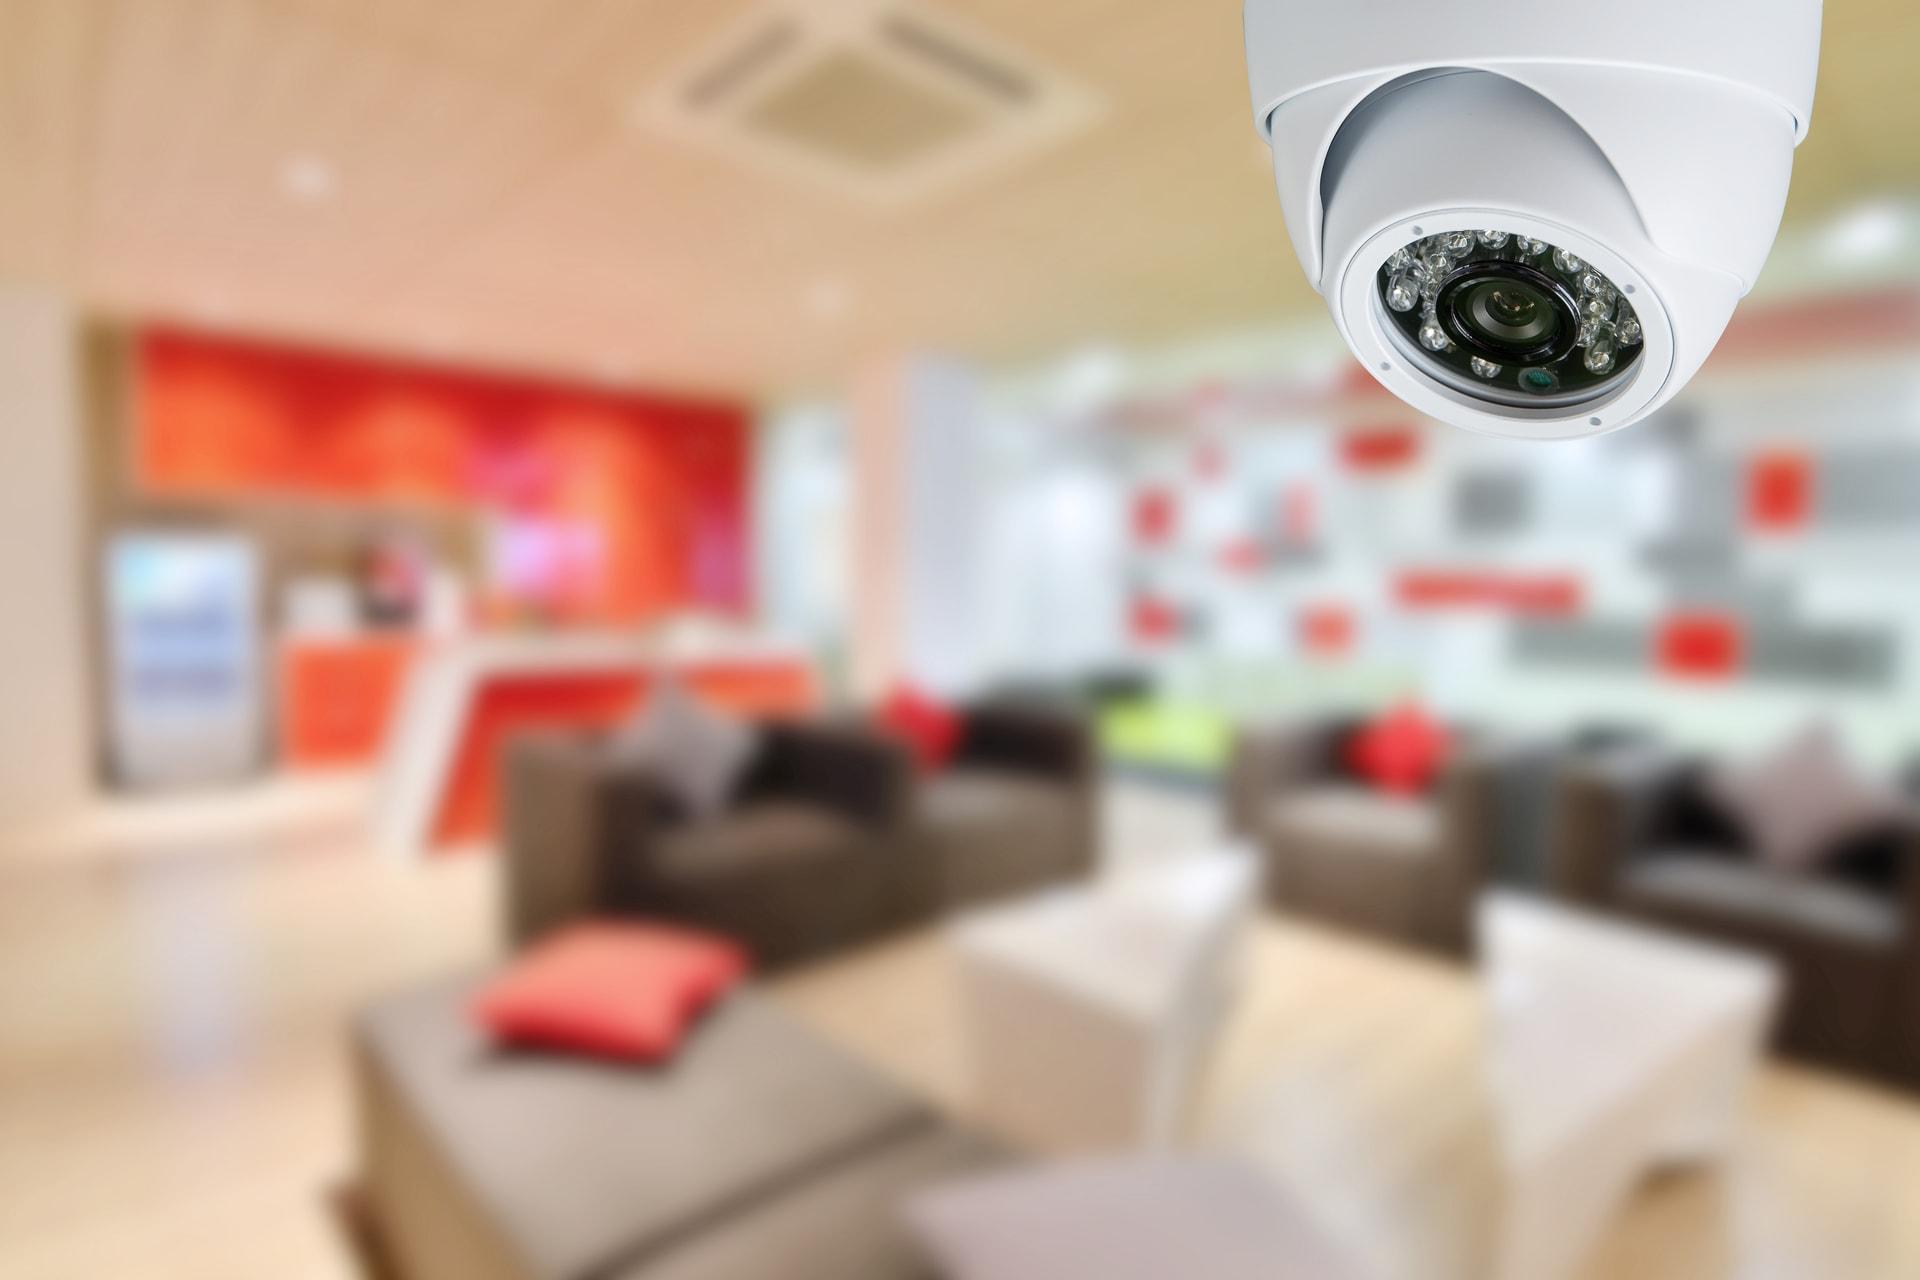 Wat is inbraakbeveiliging? Hoe beschermt u uw familie tegen inbrekers? Wat kan u zelf doen? Stel u veilig met GW Security Group.